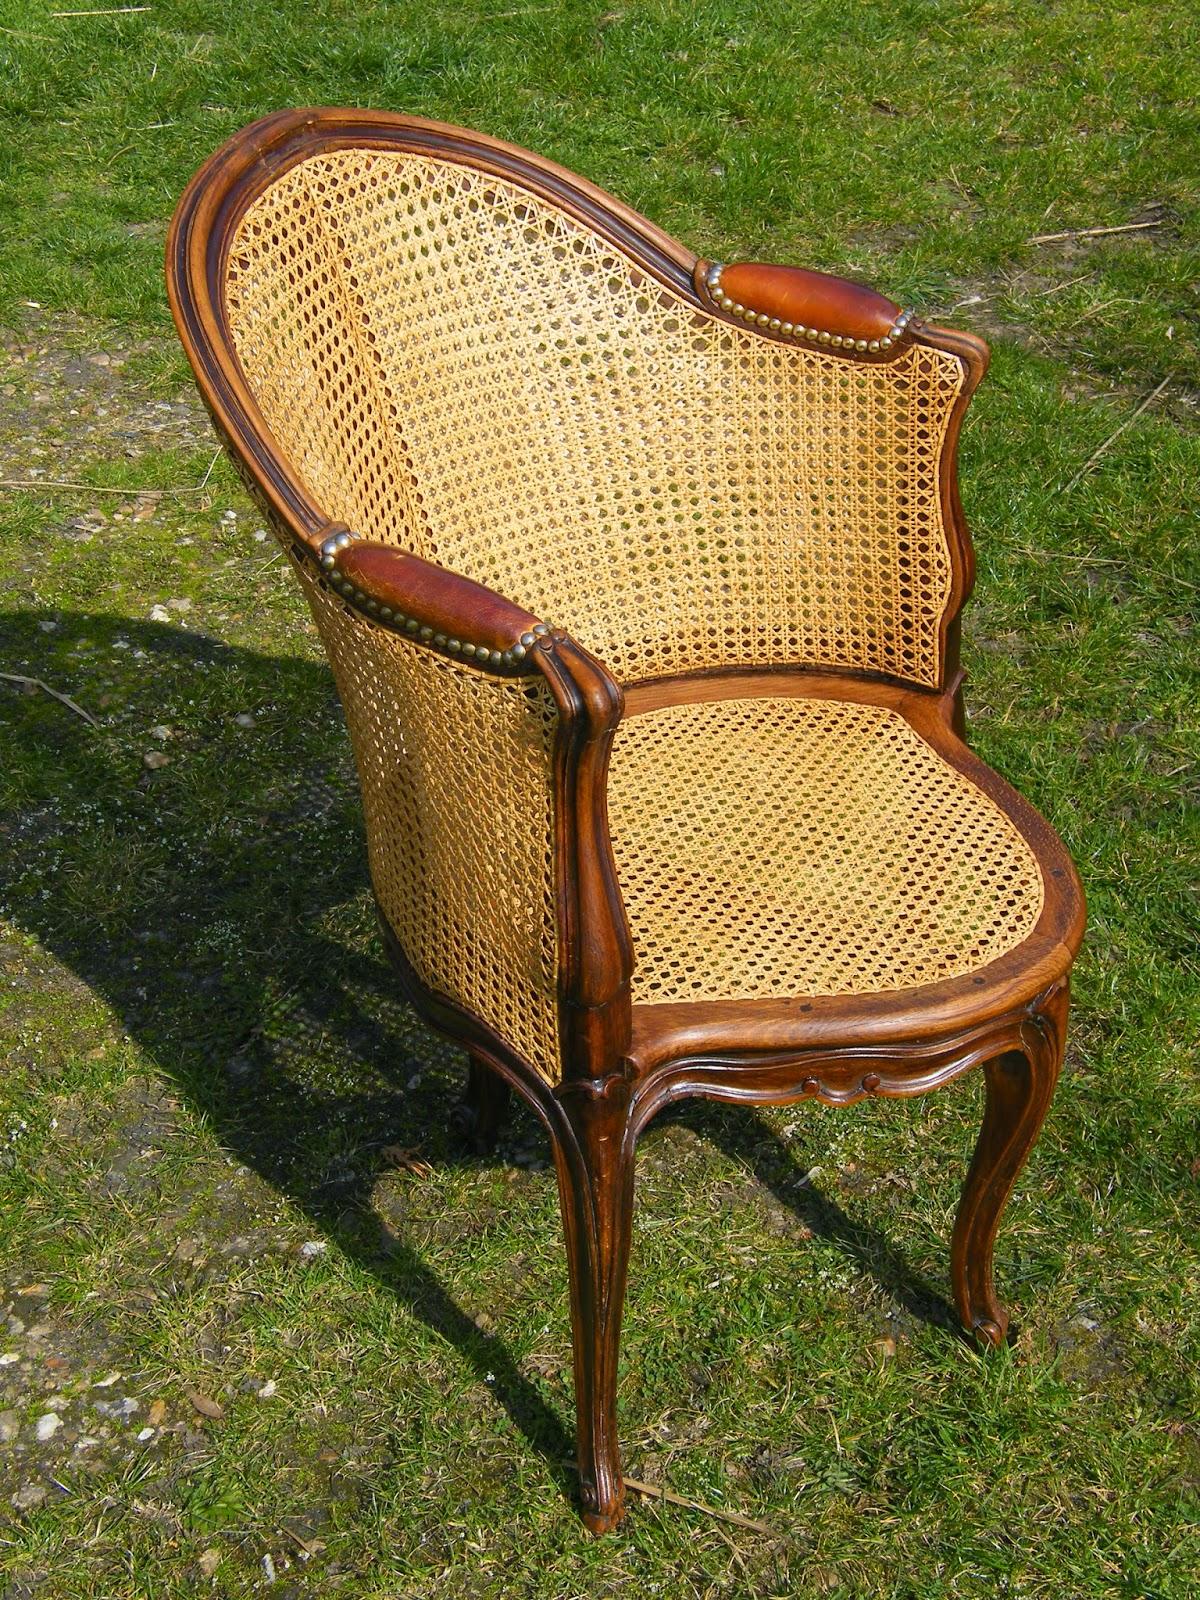 normandie cannage restauration compl te d 39 un fauteuil. Black Bedroom Furniture Sets. Home Design Ideas